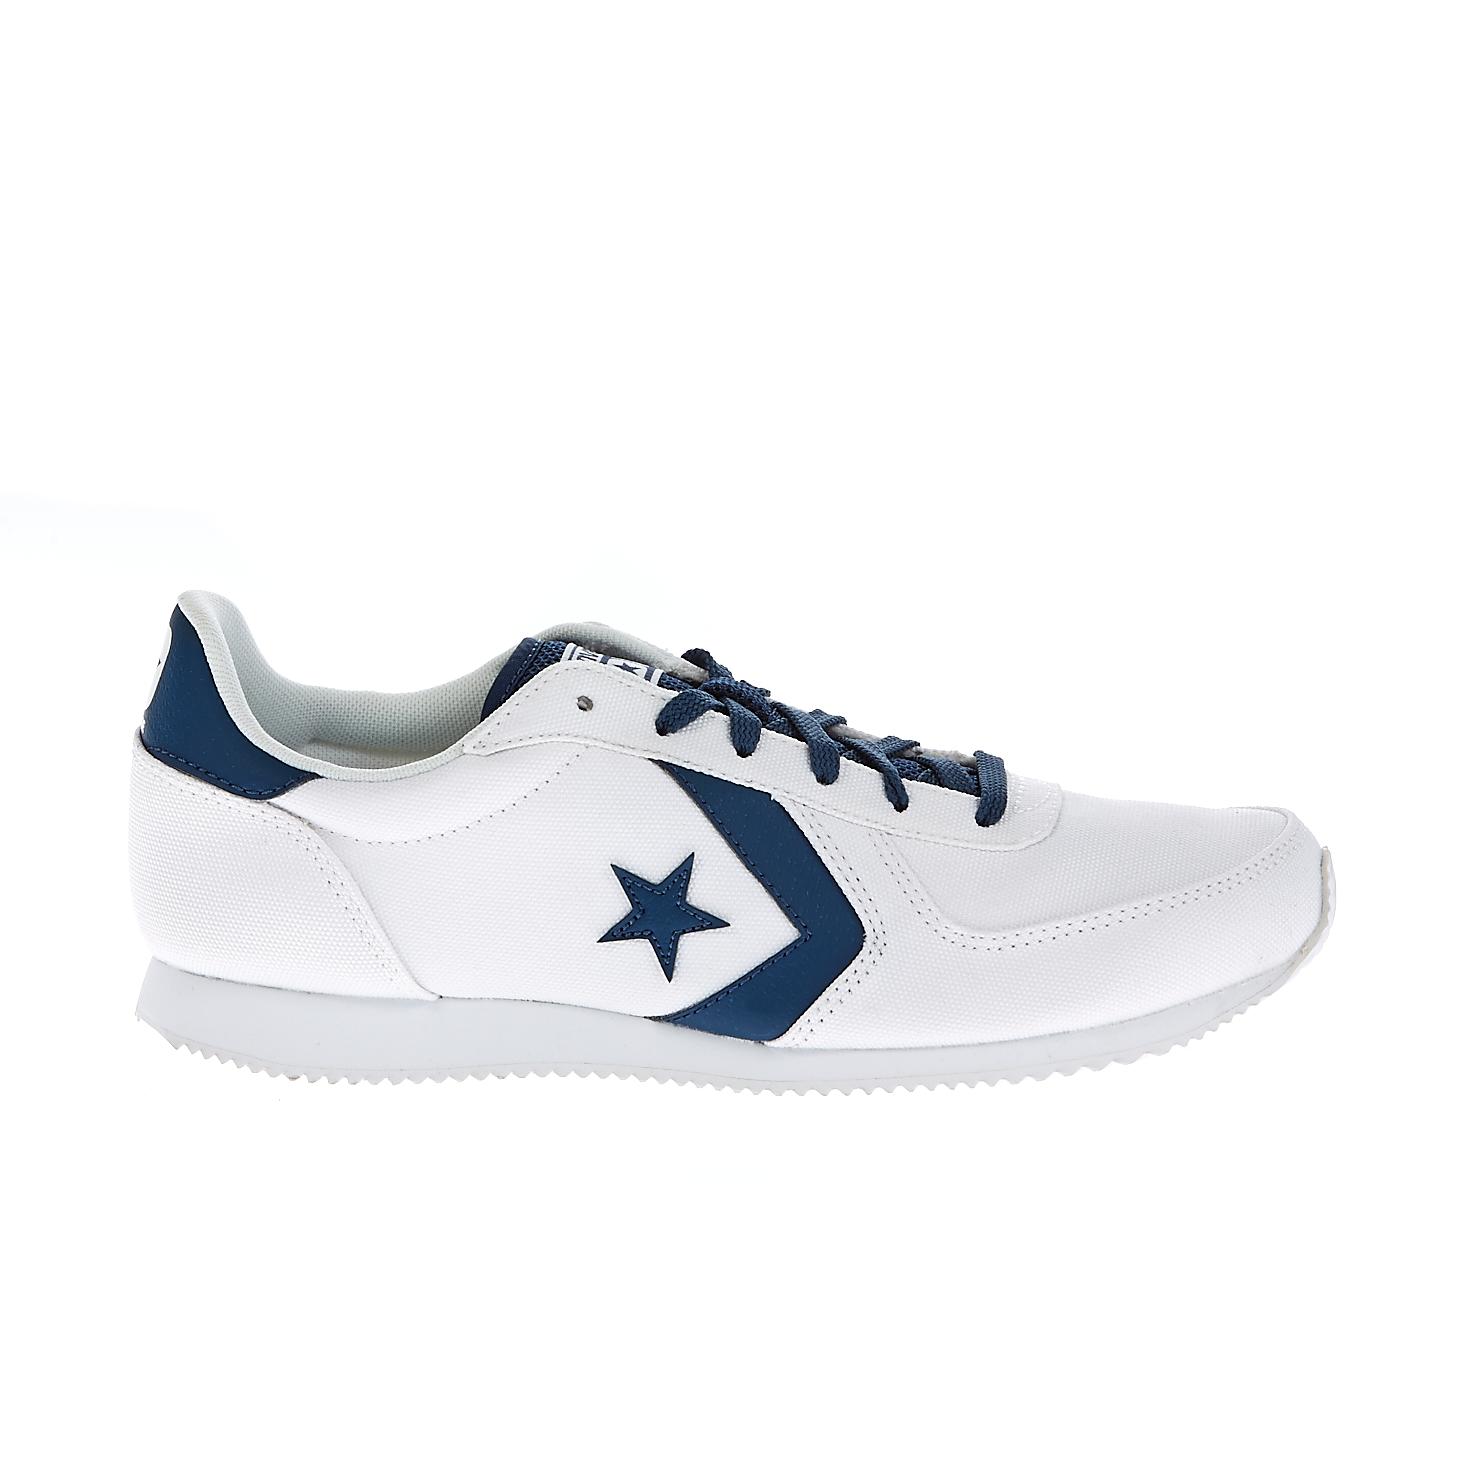 CONVERSE – Unisex παπούτσια Arizona Racer λευκά